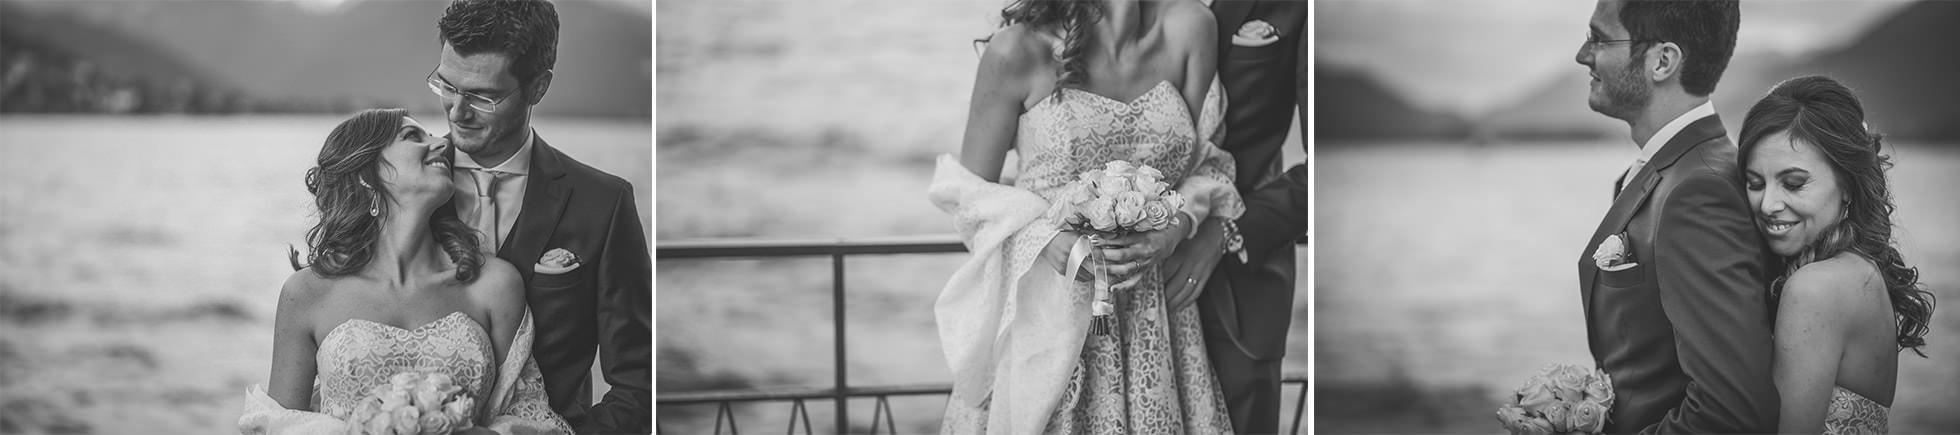 Fotografo matrimonio gera largo